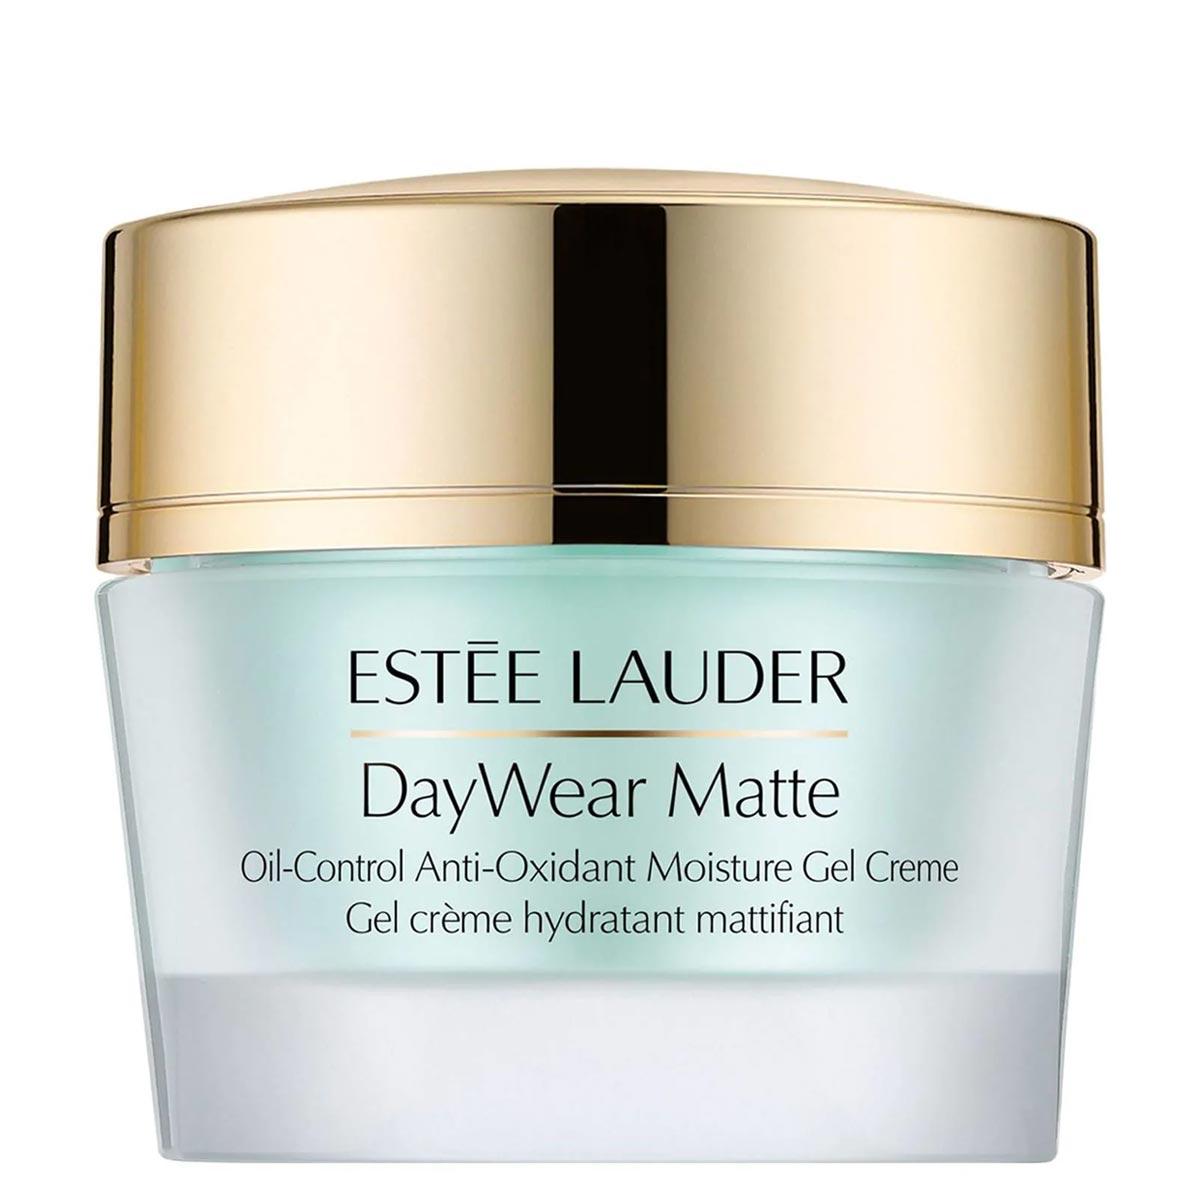 DayWear Matte Gel Crème Hydratant Matifiant - Estée Lauder